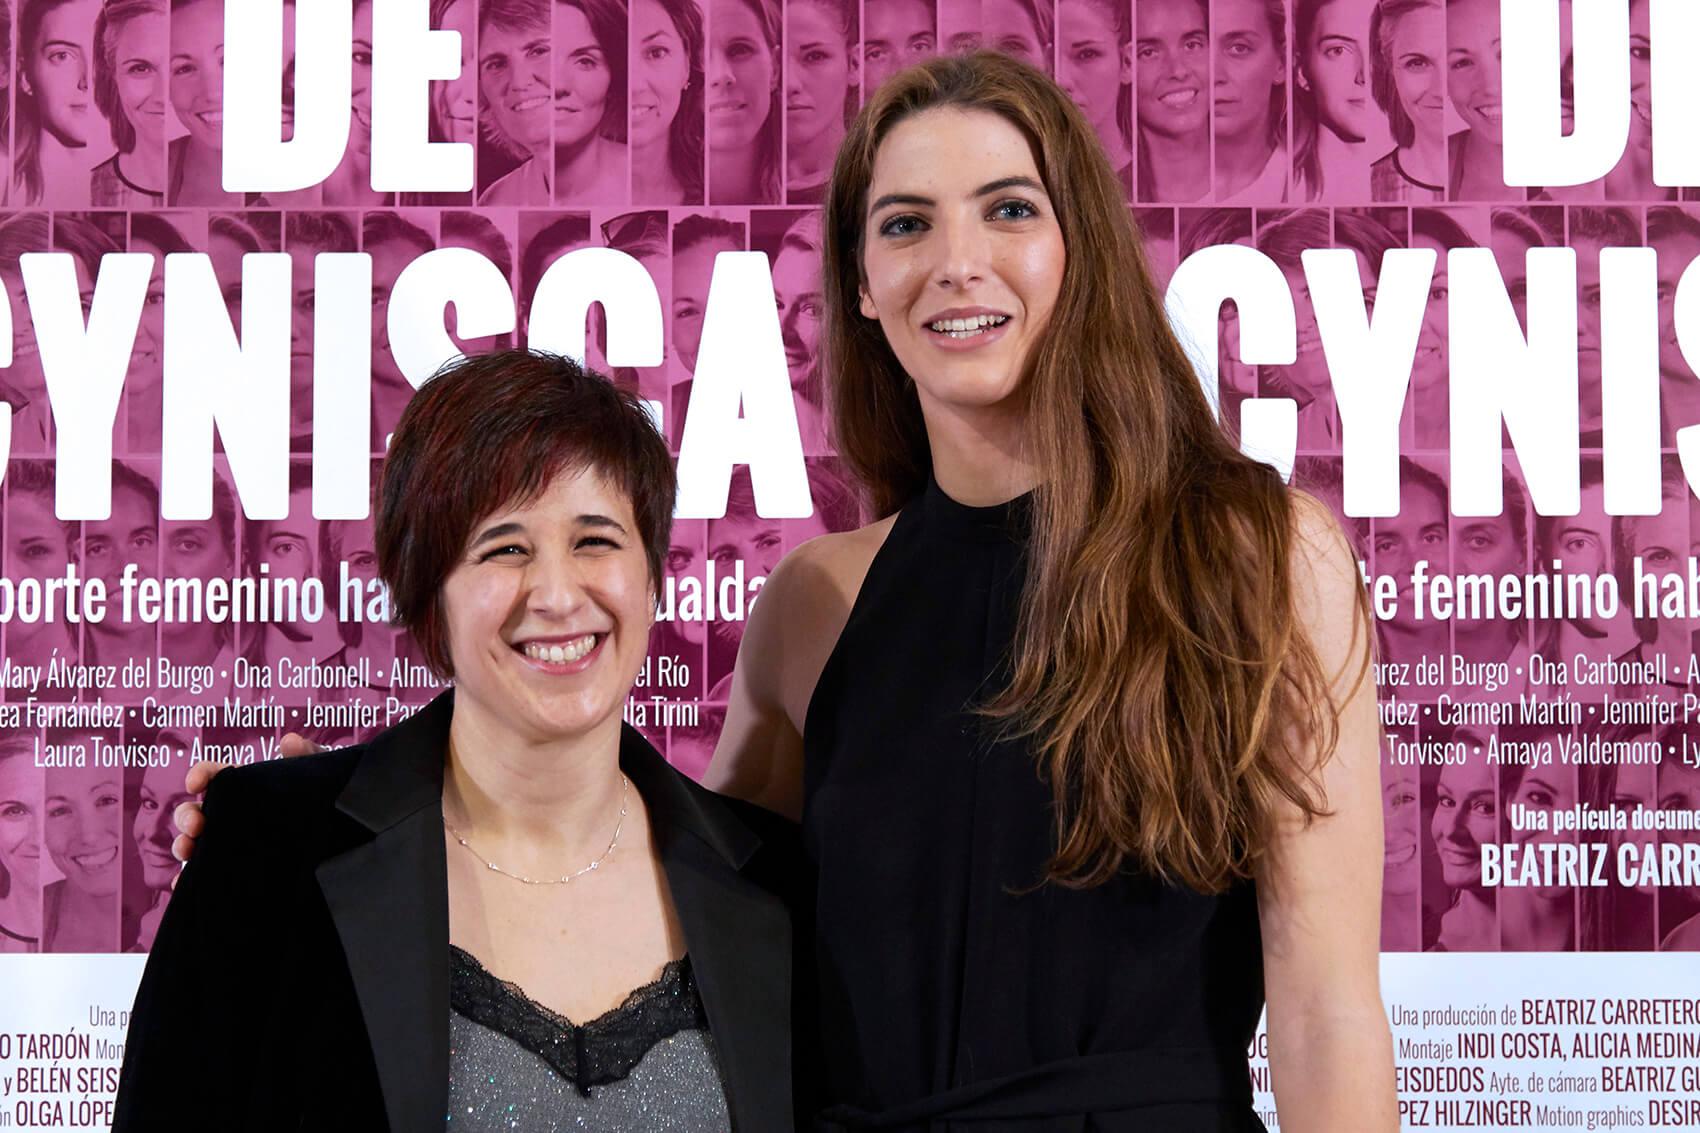 Beatriz Carretero y Mary Álvarez del Burgo